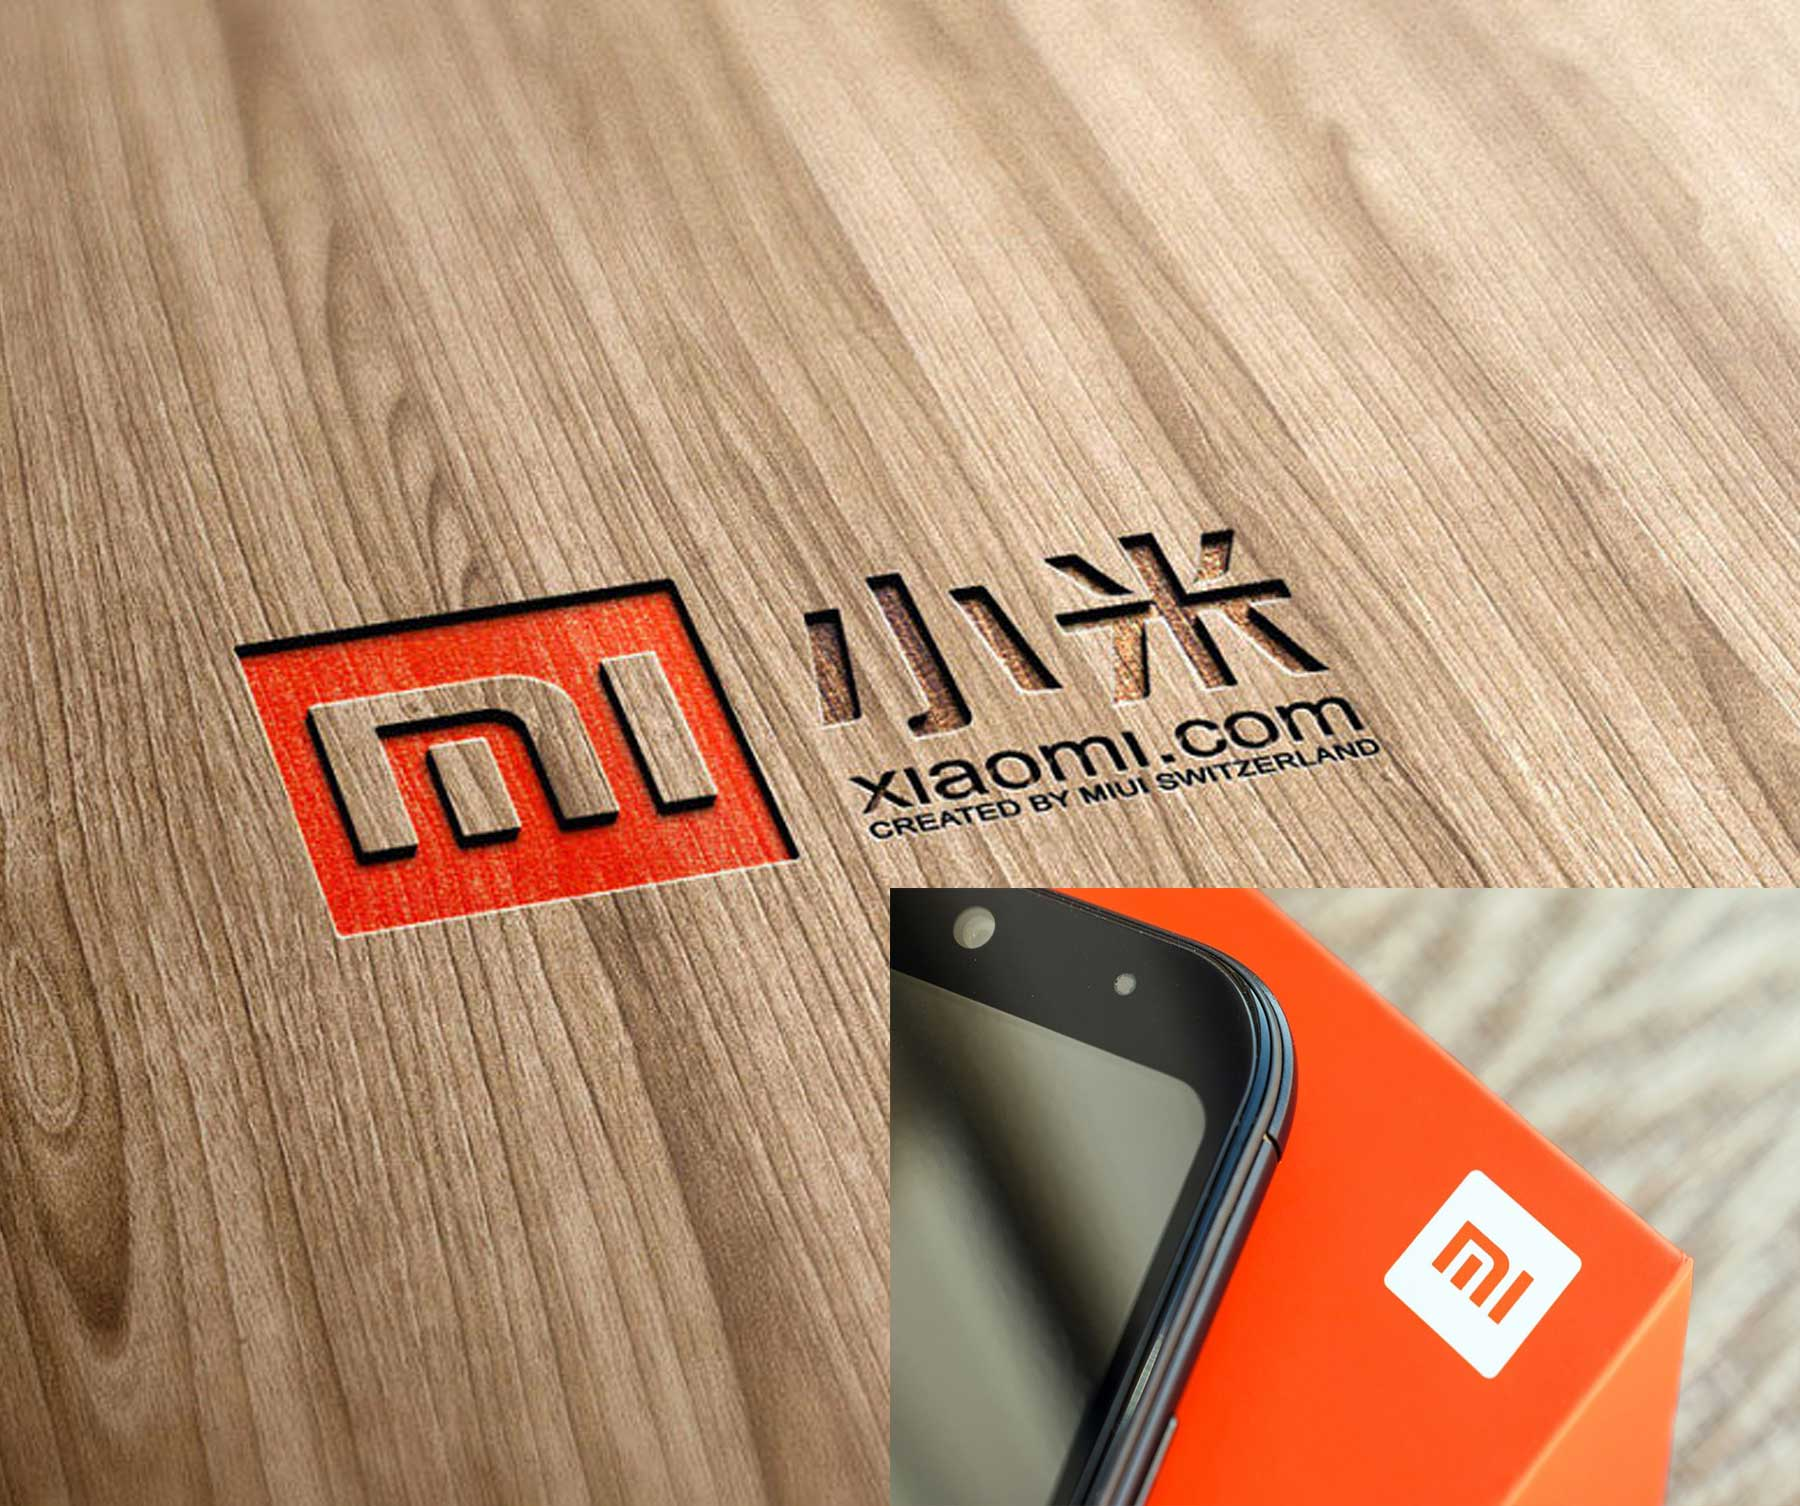 Xiaomi සමාගම  MI වෙළඳ නාමය අතහැර දැමීමට තීරණය කරයි